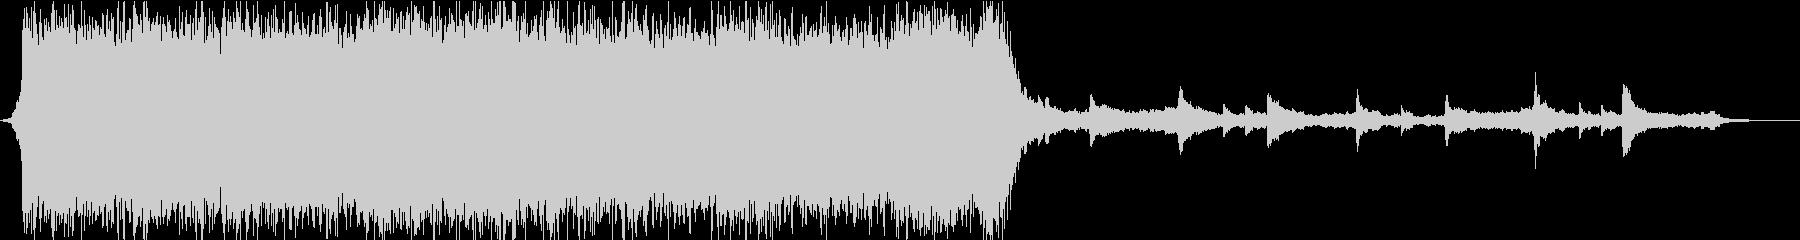 エピックオーケストラ Short verの未再生の波形